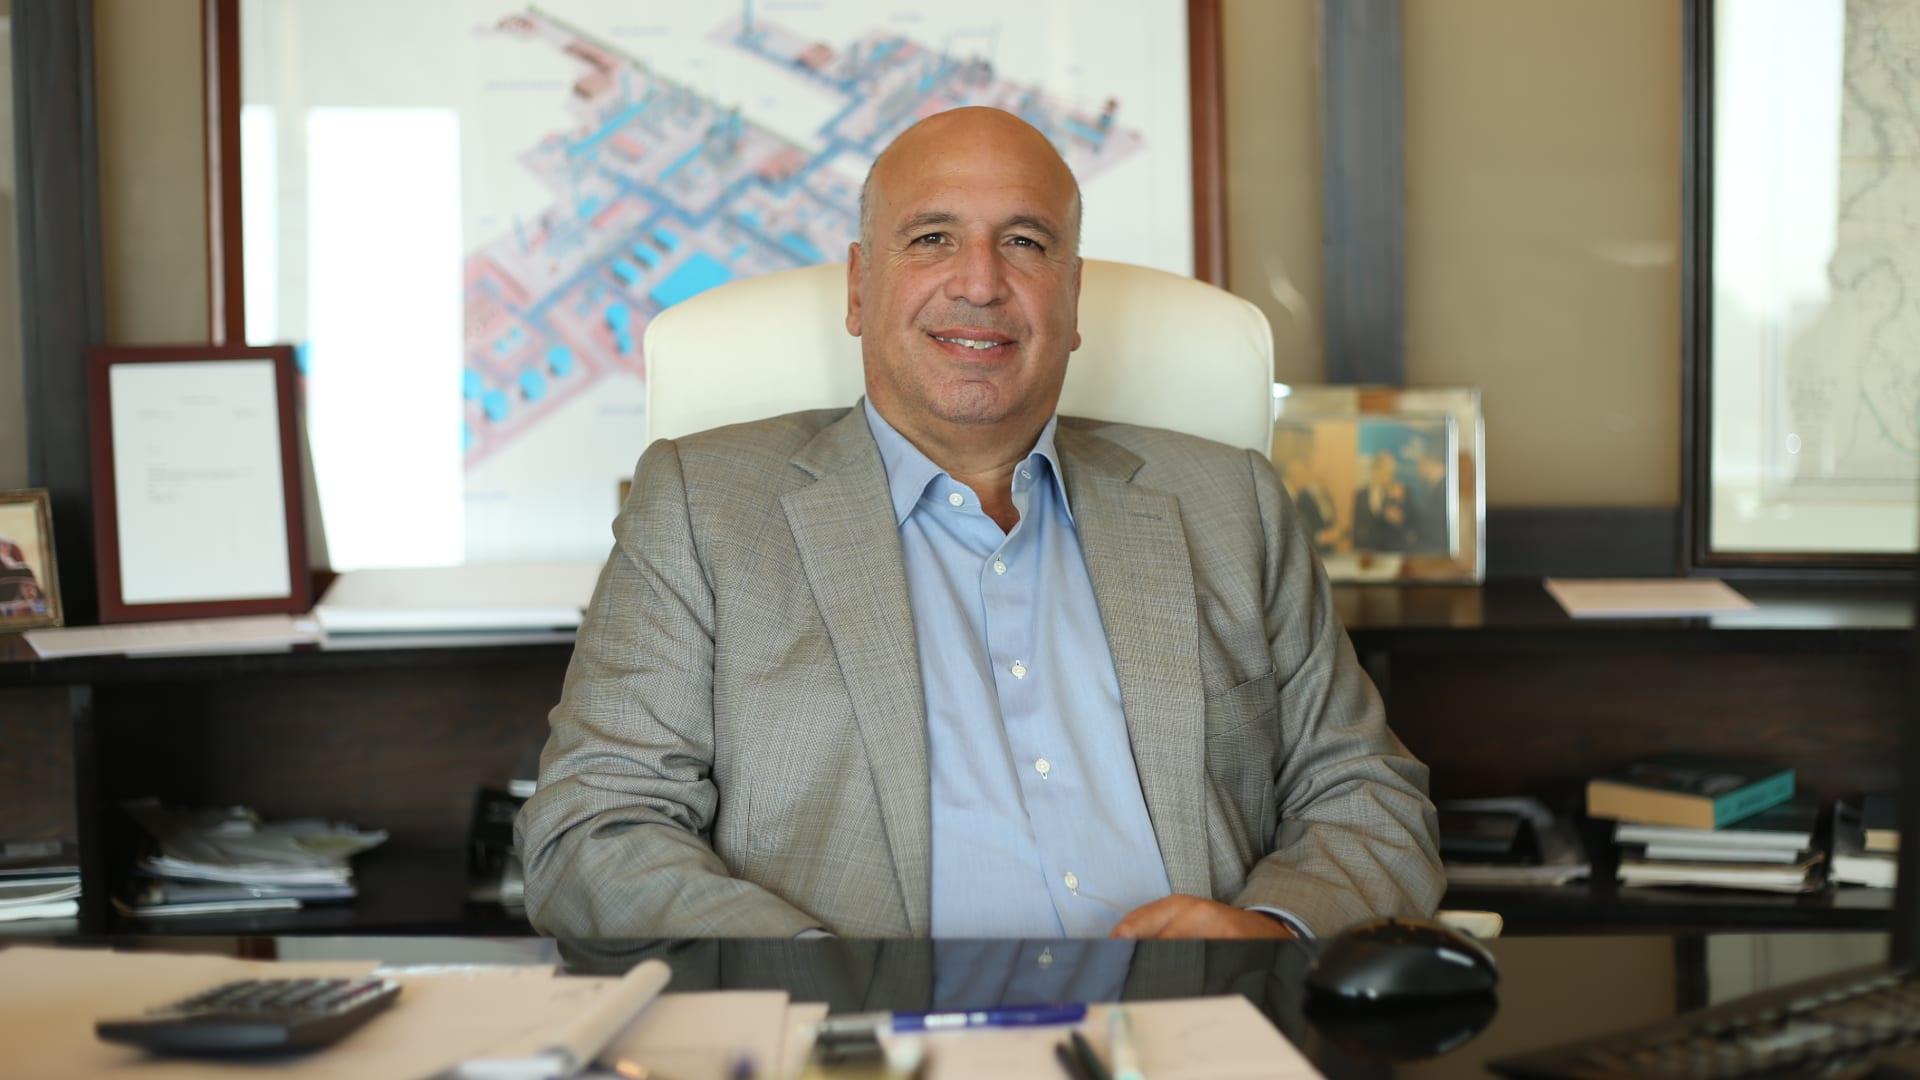 أحمد هيكل: على رواد الأعمال التعامل بهدوء مع النجاح والفشل (5)